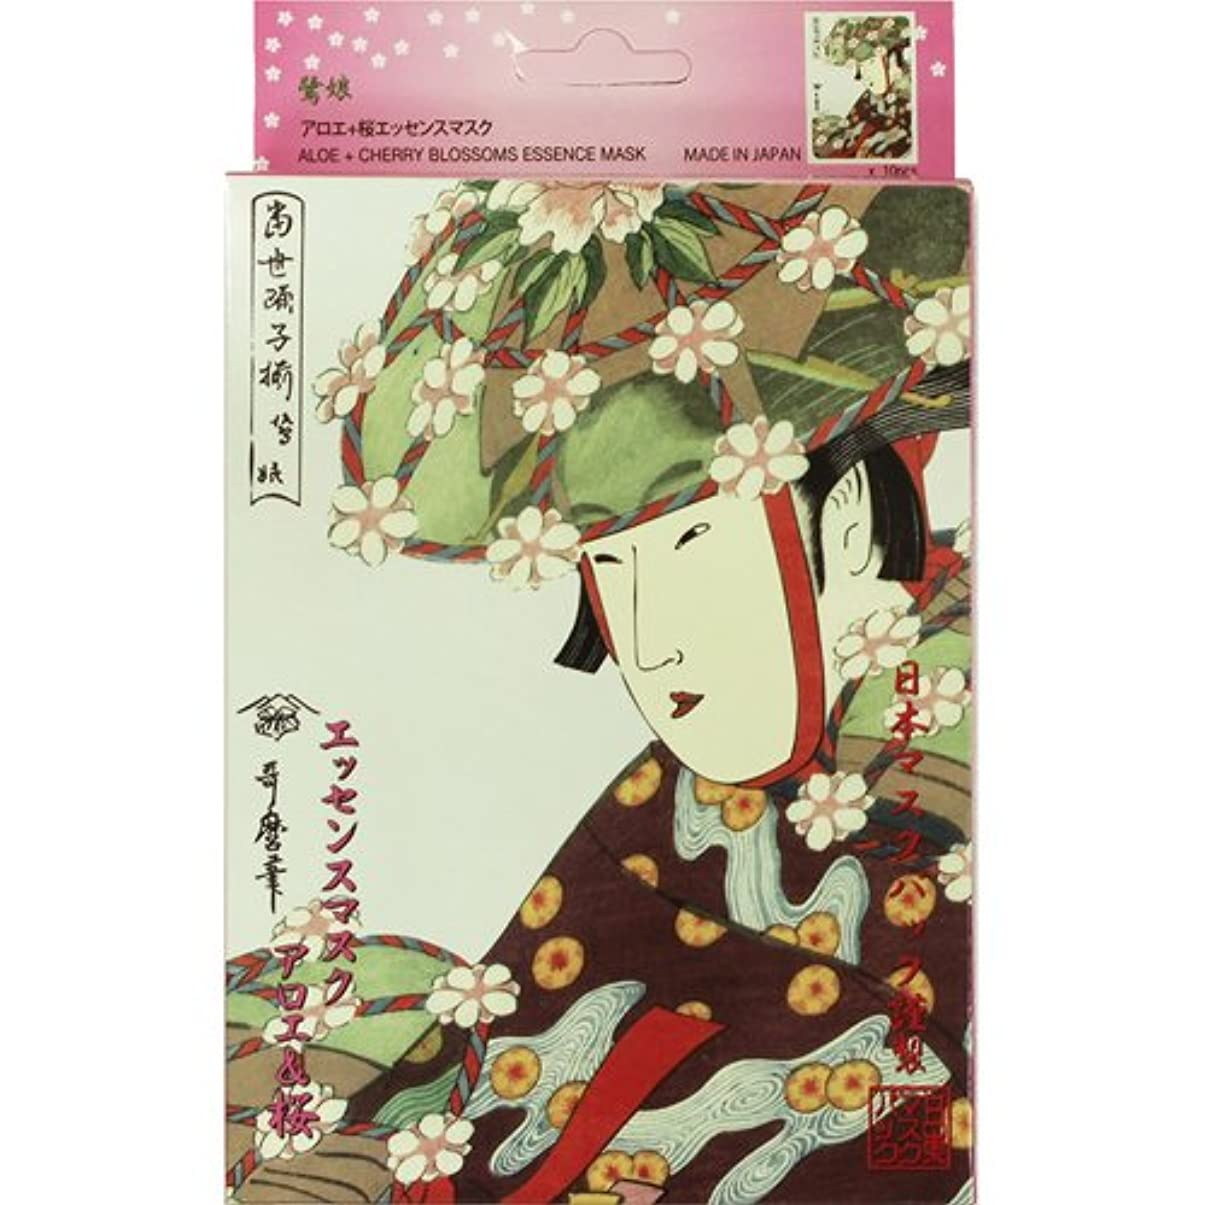 コインアロングレモンエッセンスマスク アロエ+桜10枚